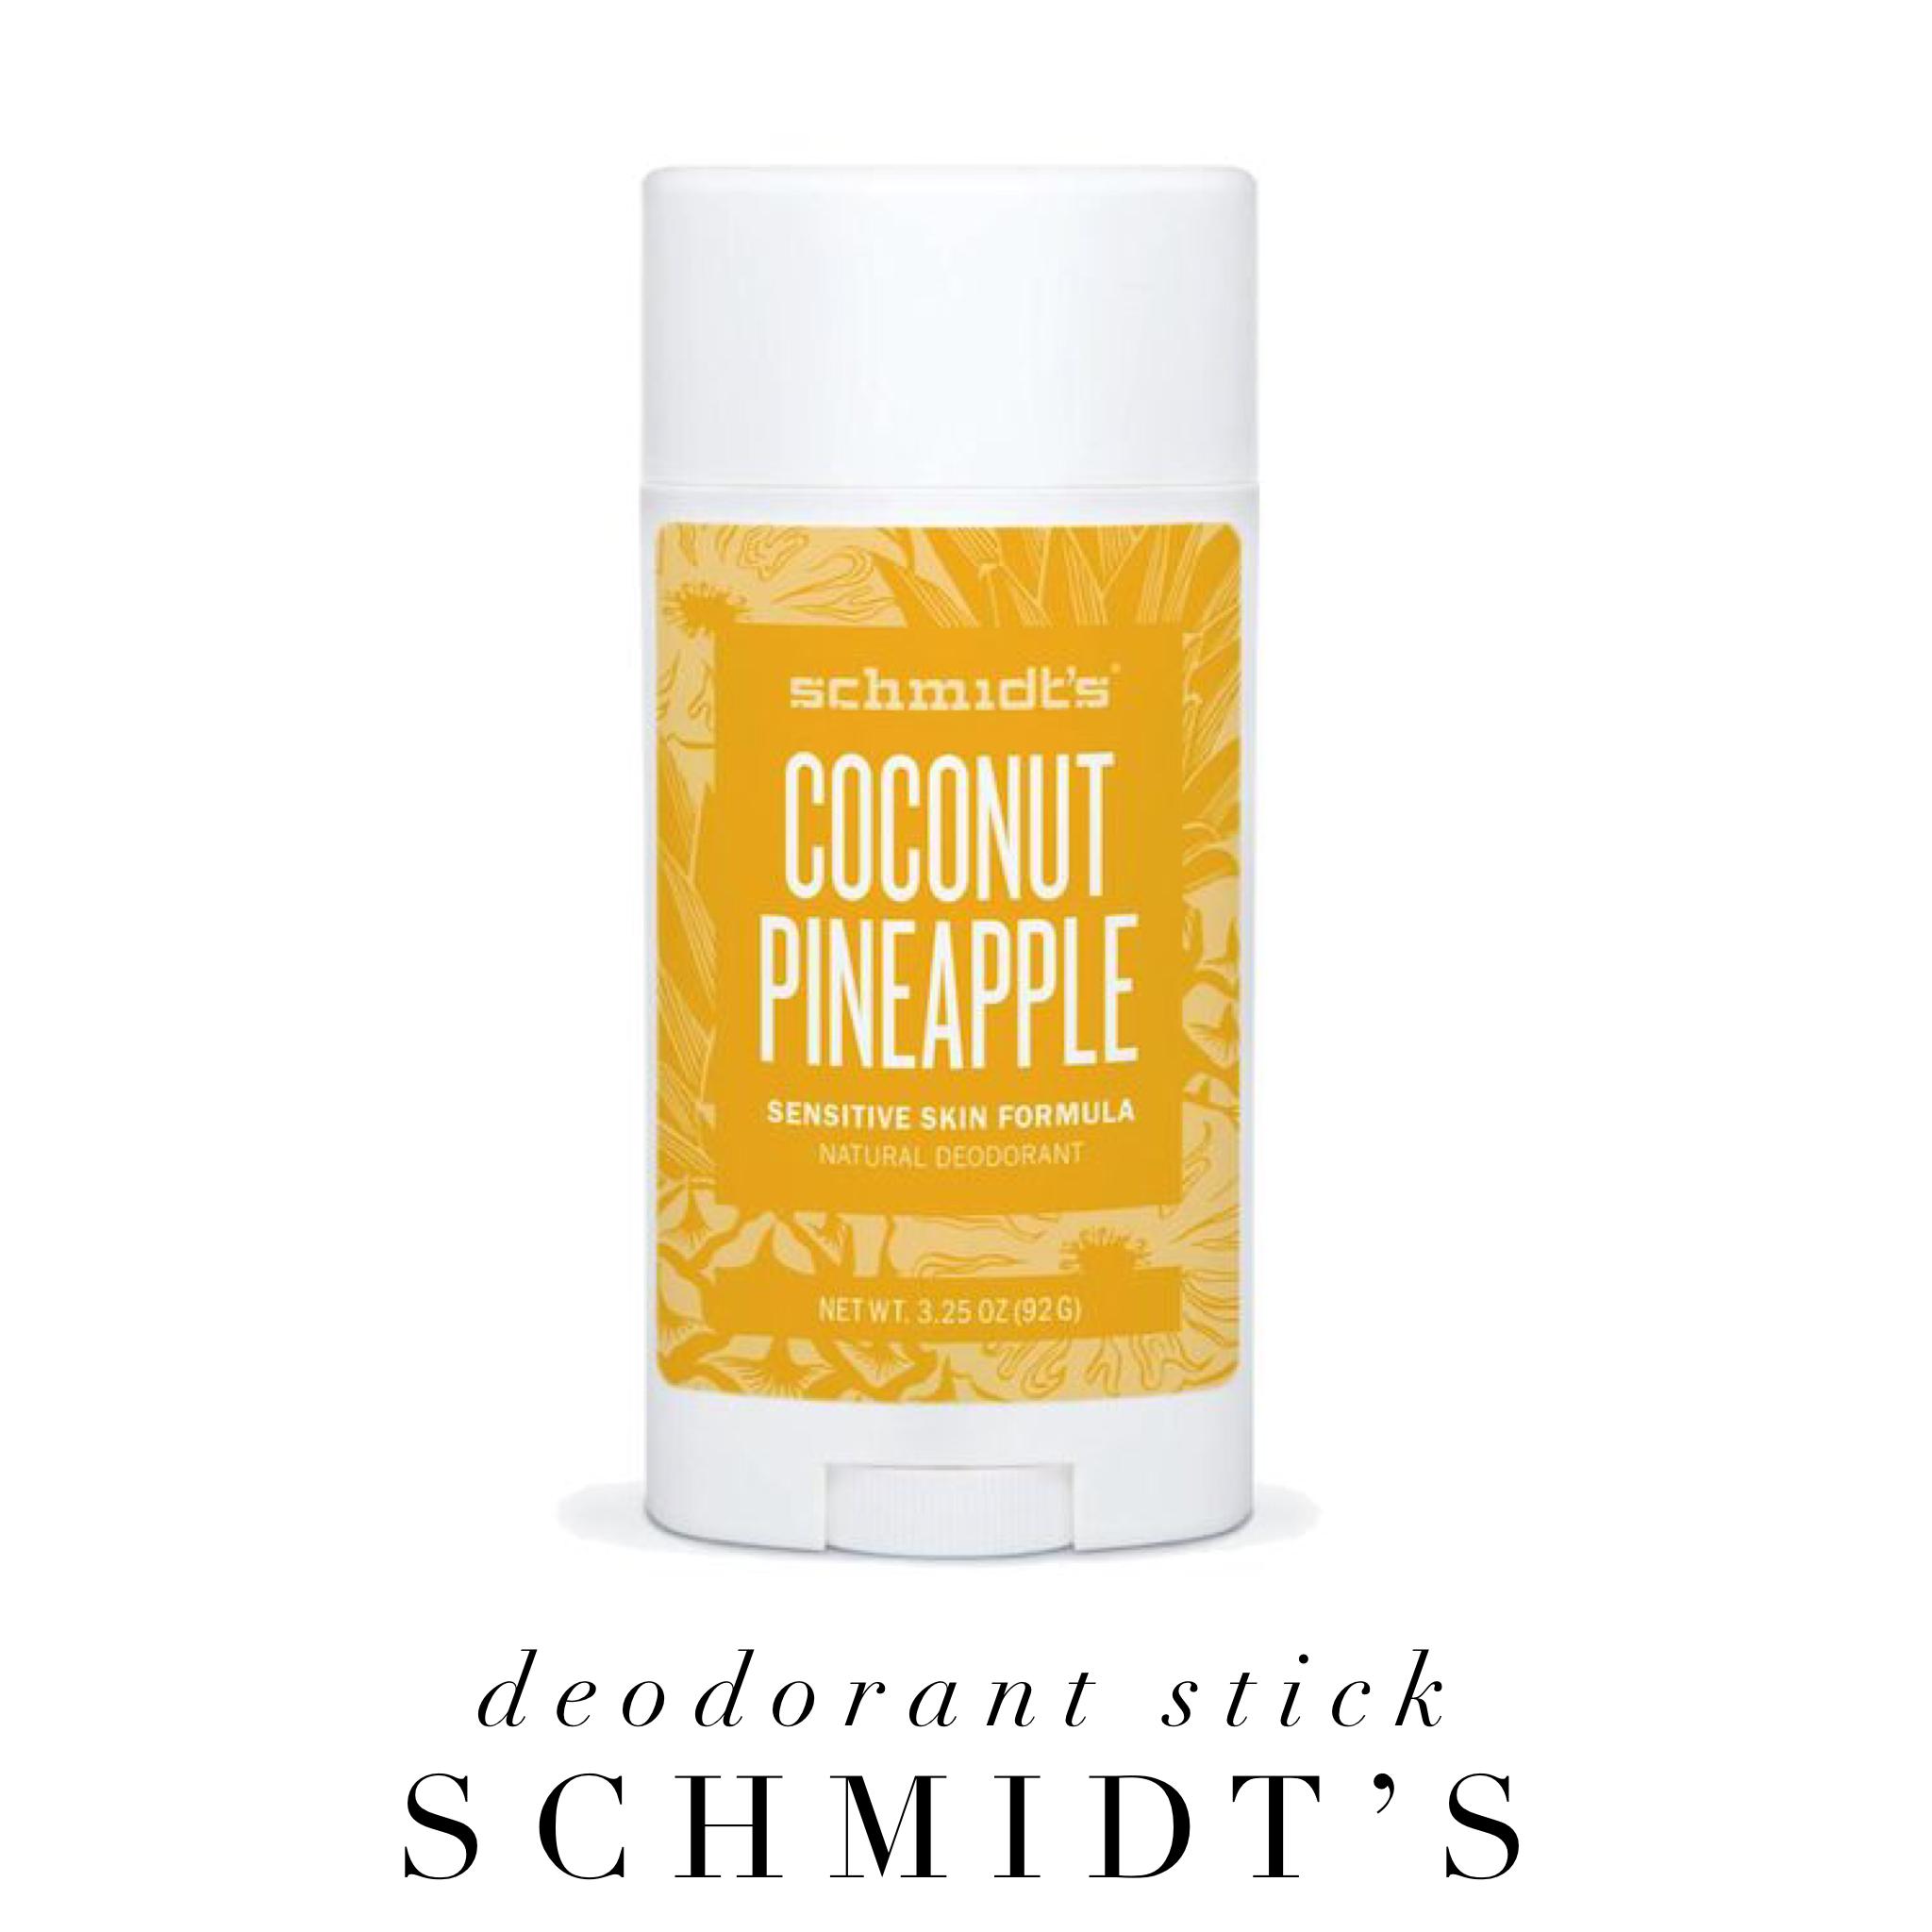 Deodorant by Schmidt's